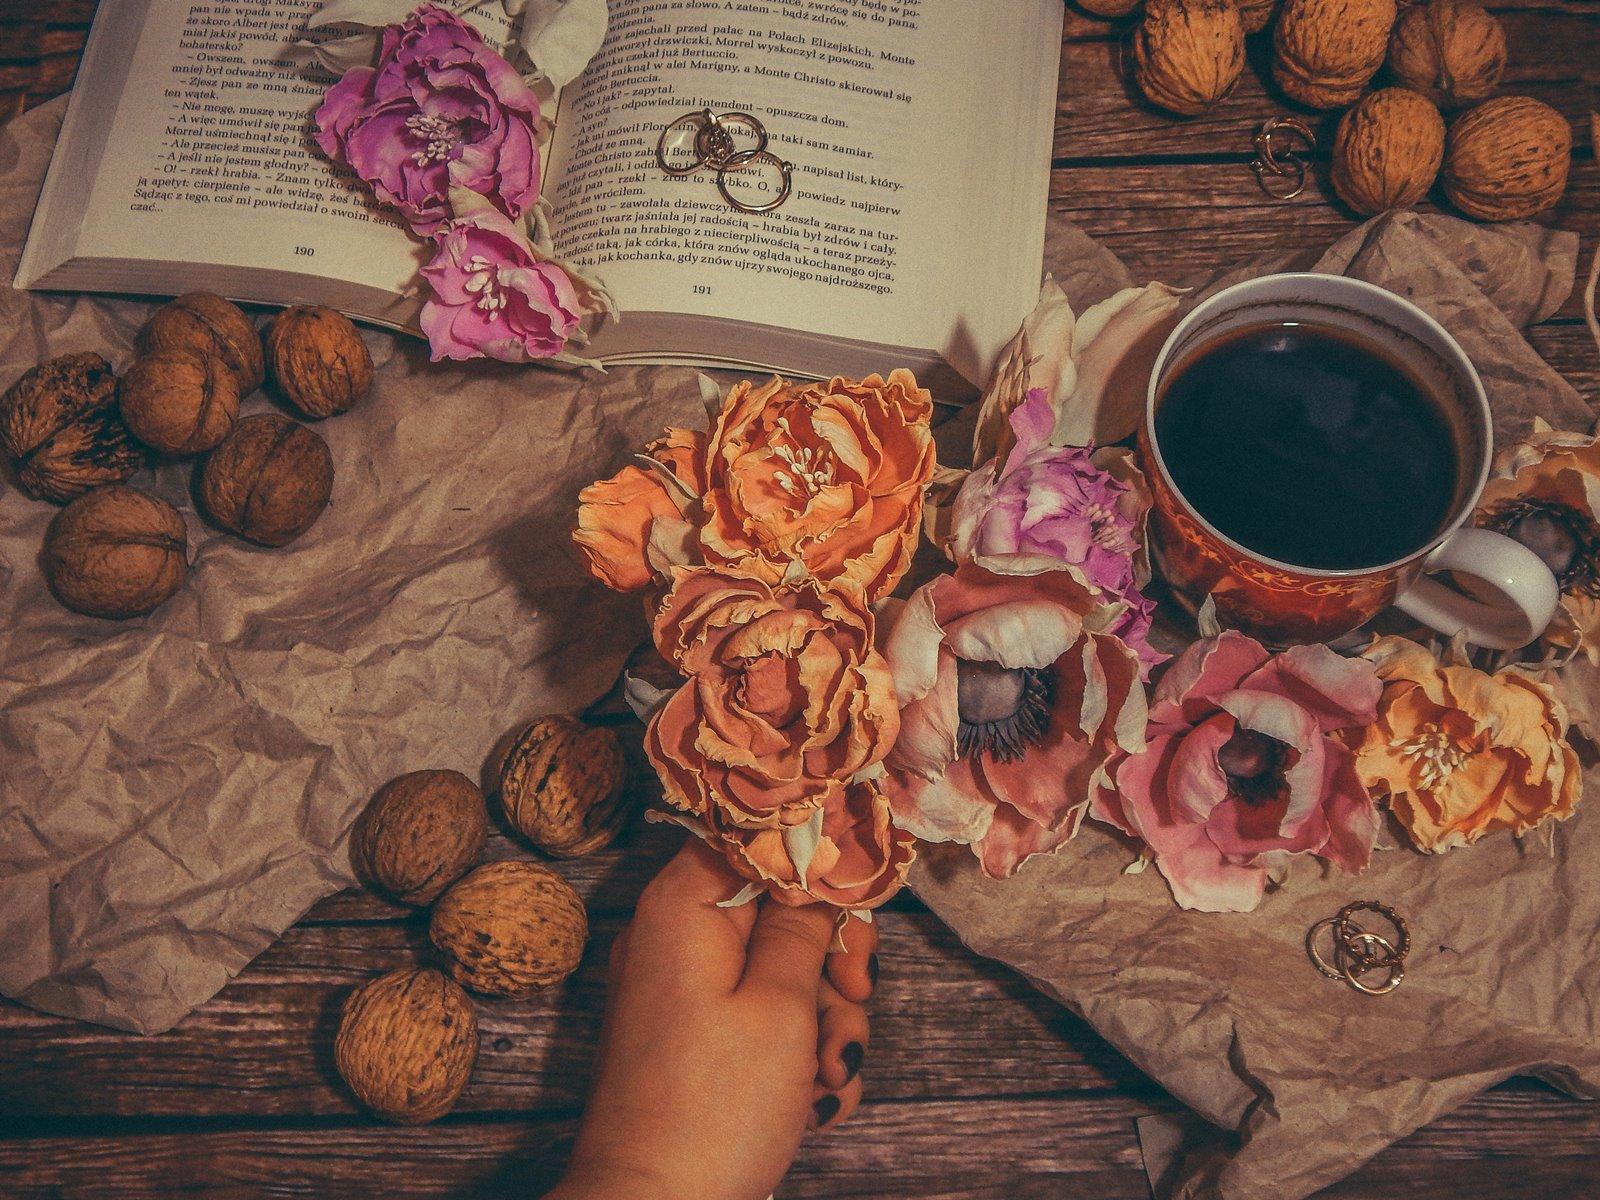 1 sztuczne kwiaty jak żywe wianki ślubne nietypowe kartki ślubne zaproszenia na roczek na urodziny na rocznicę imieniny diy do it yourself ręcznie robione kwiaty wywiad pomysł na biznes moonbird jak zrobić kwiatki